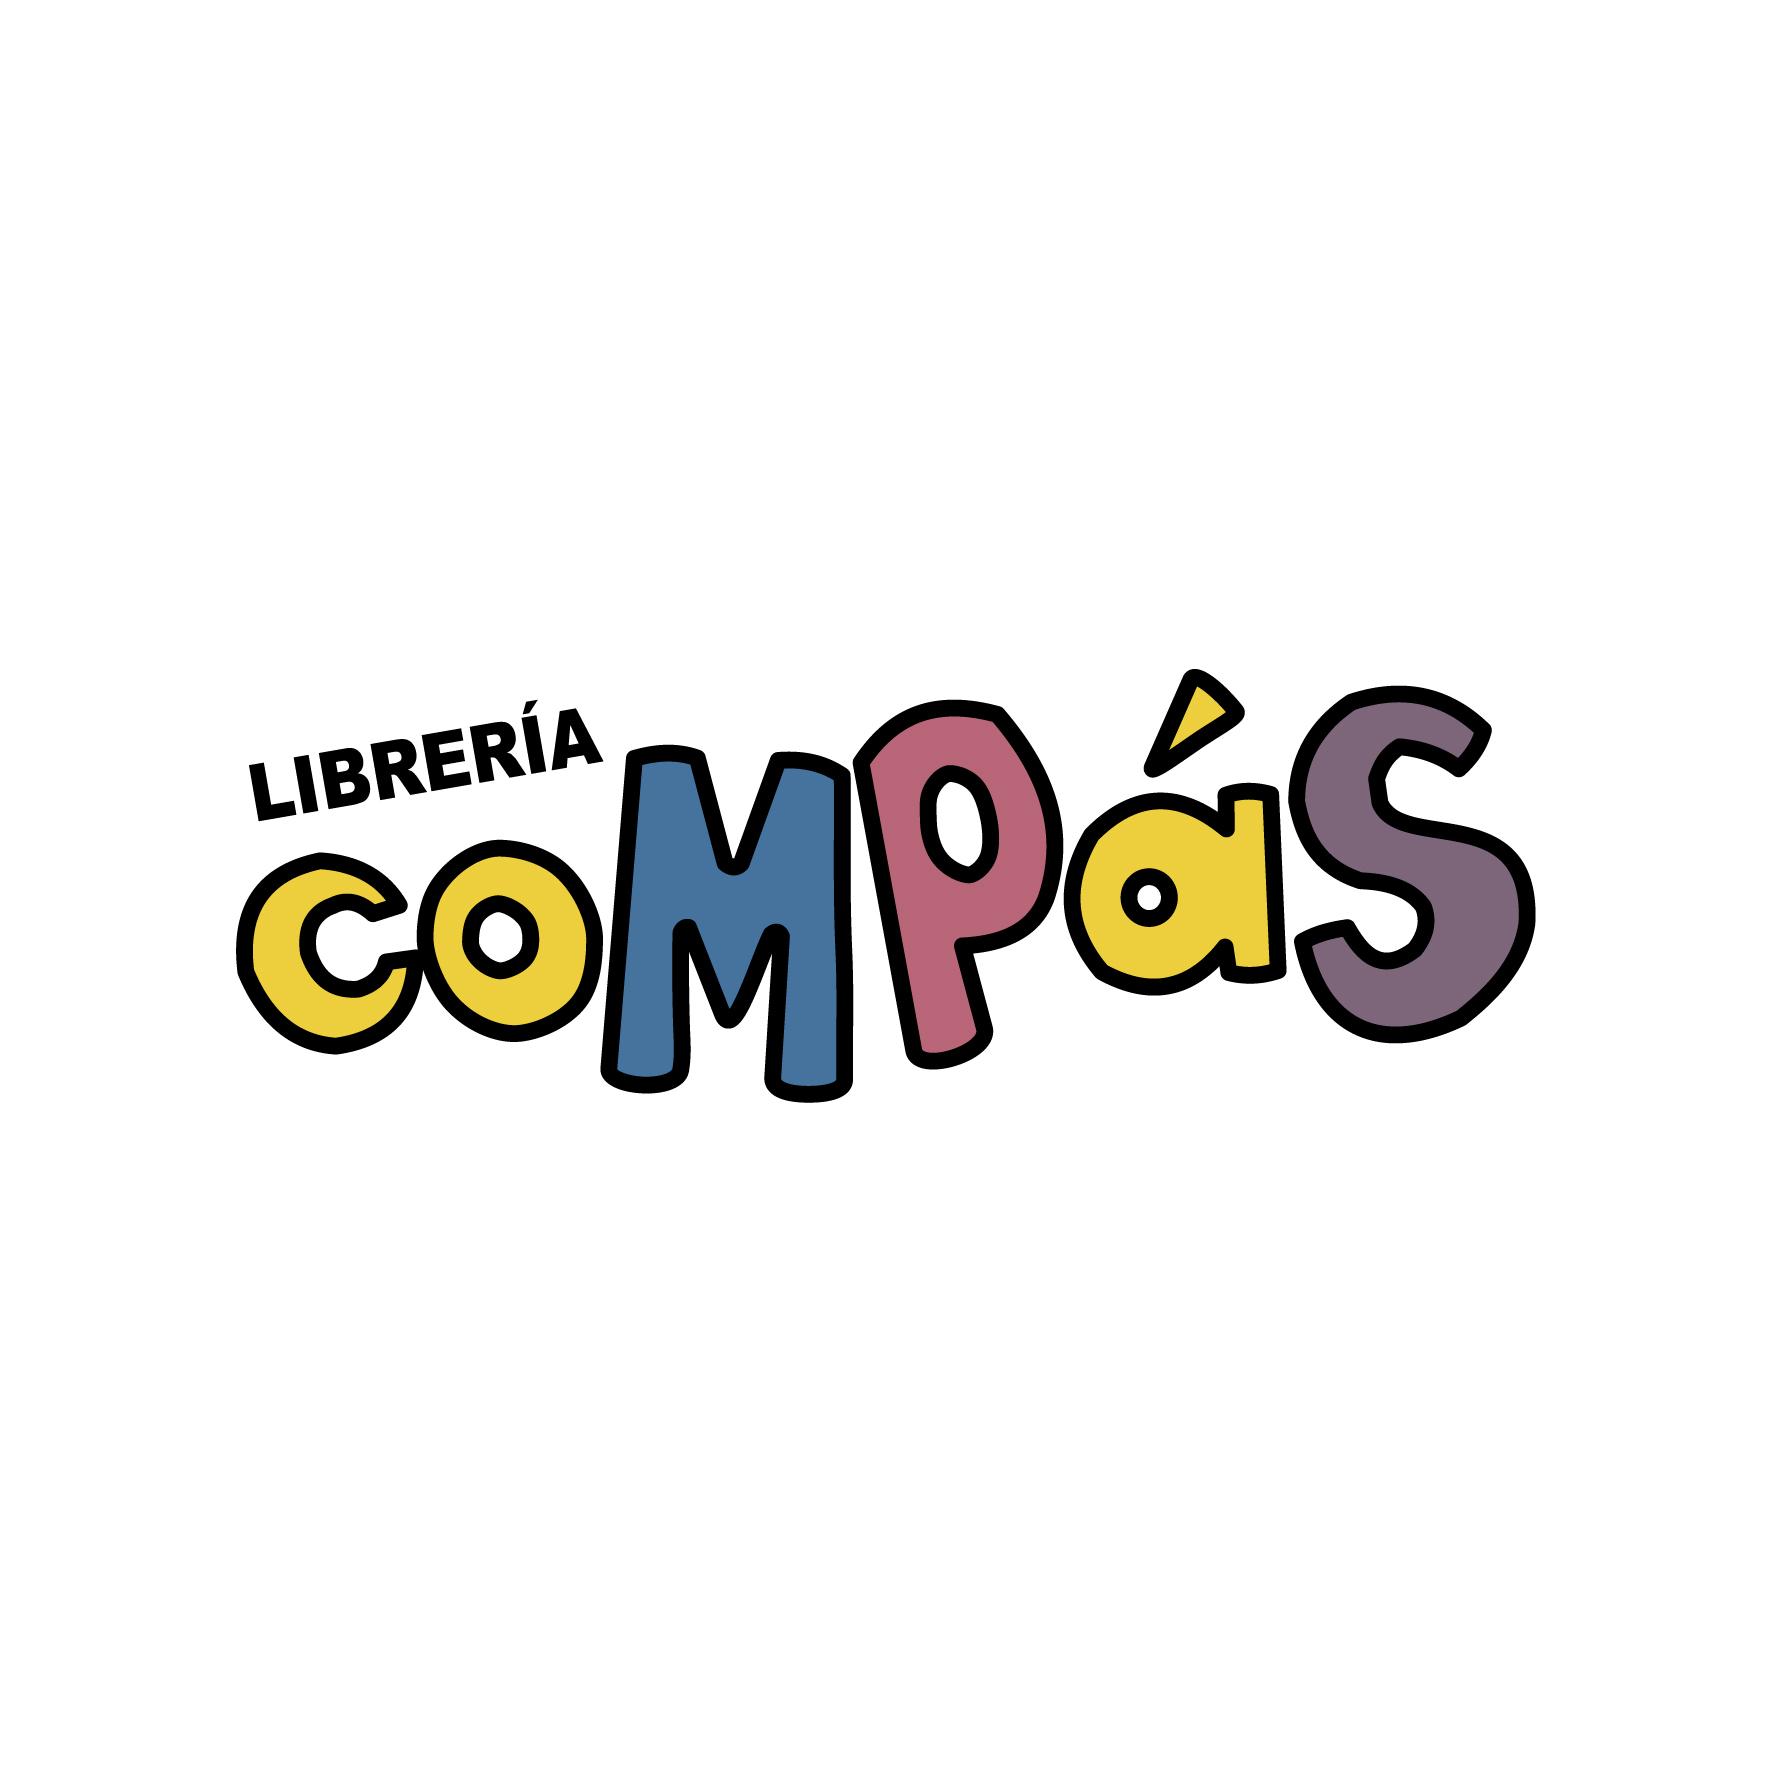 COMPAS LIBRERÍA - F. Ruiz